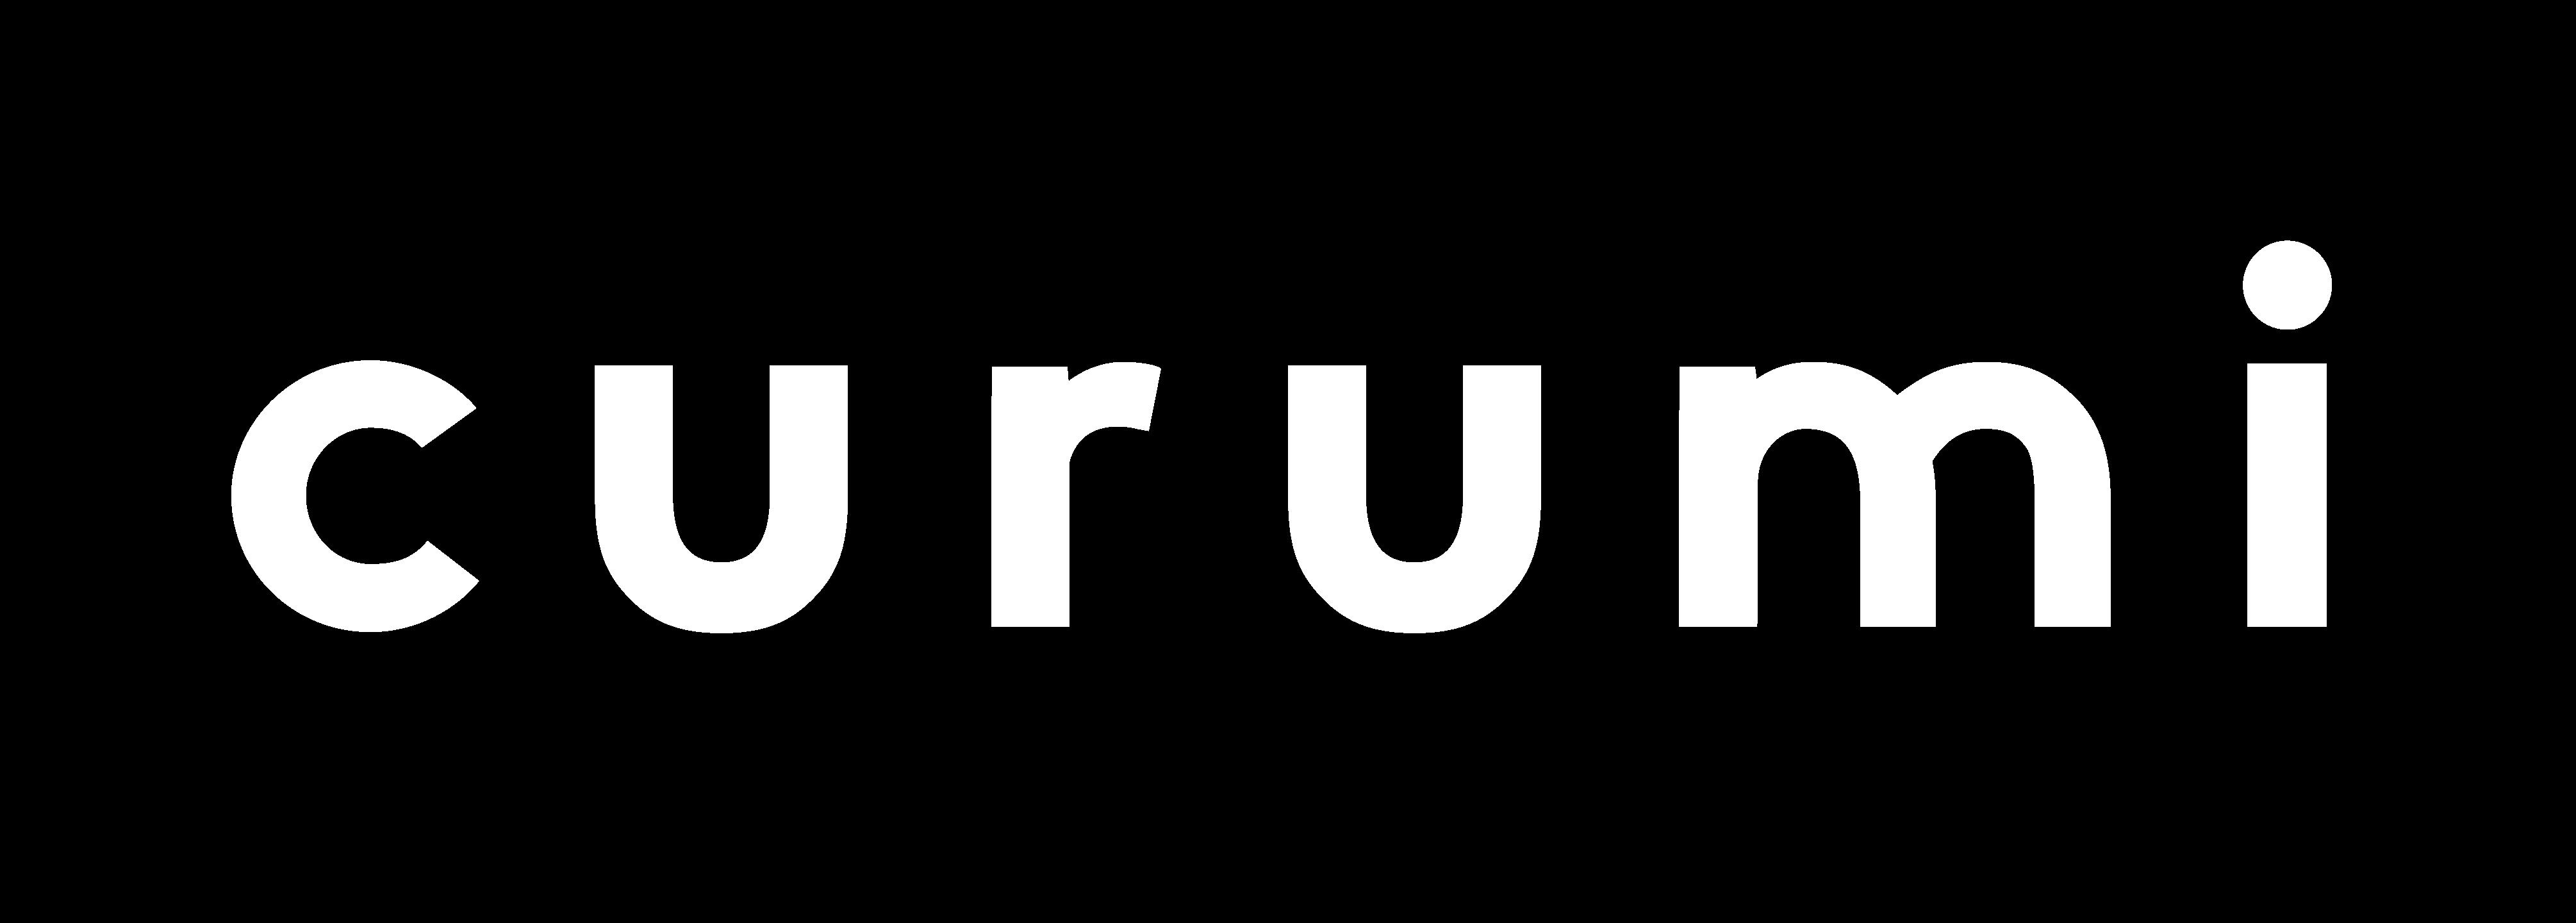 株式会社くるみ | curumi, Inc.